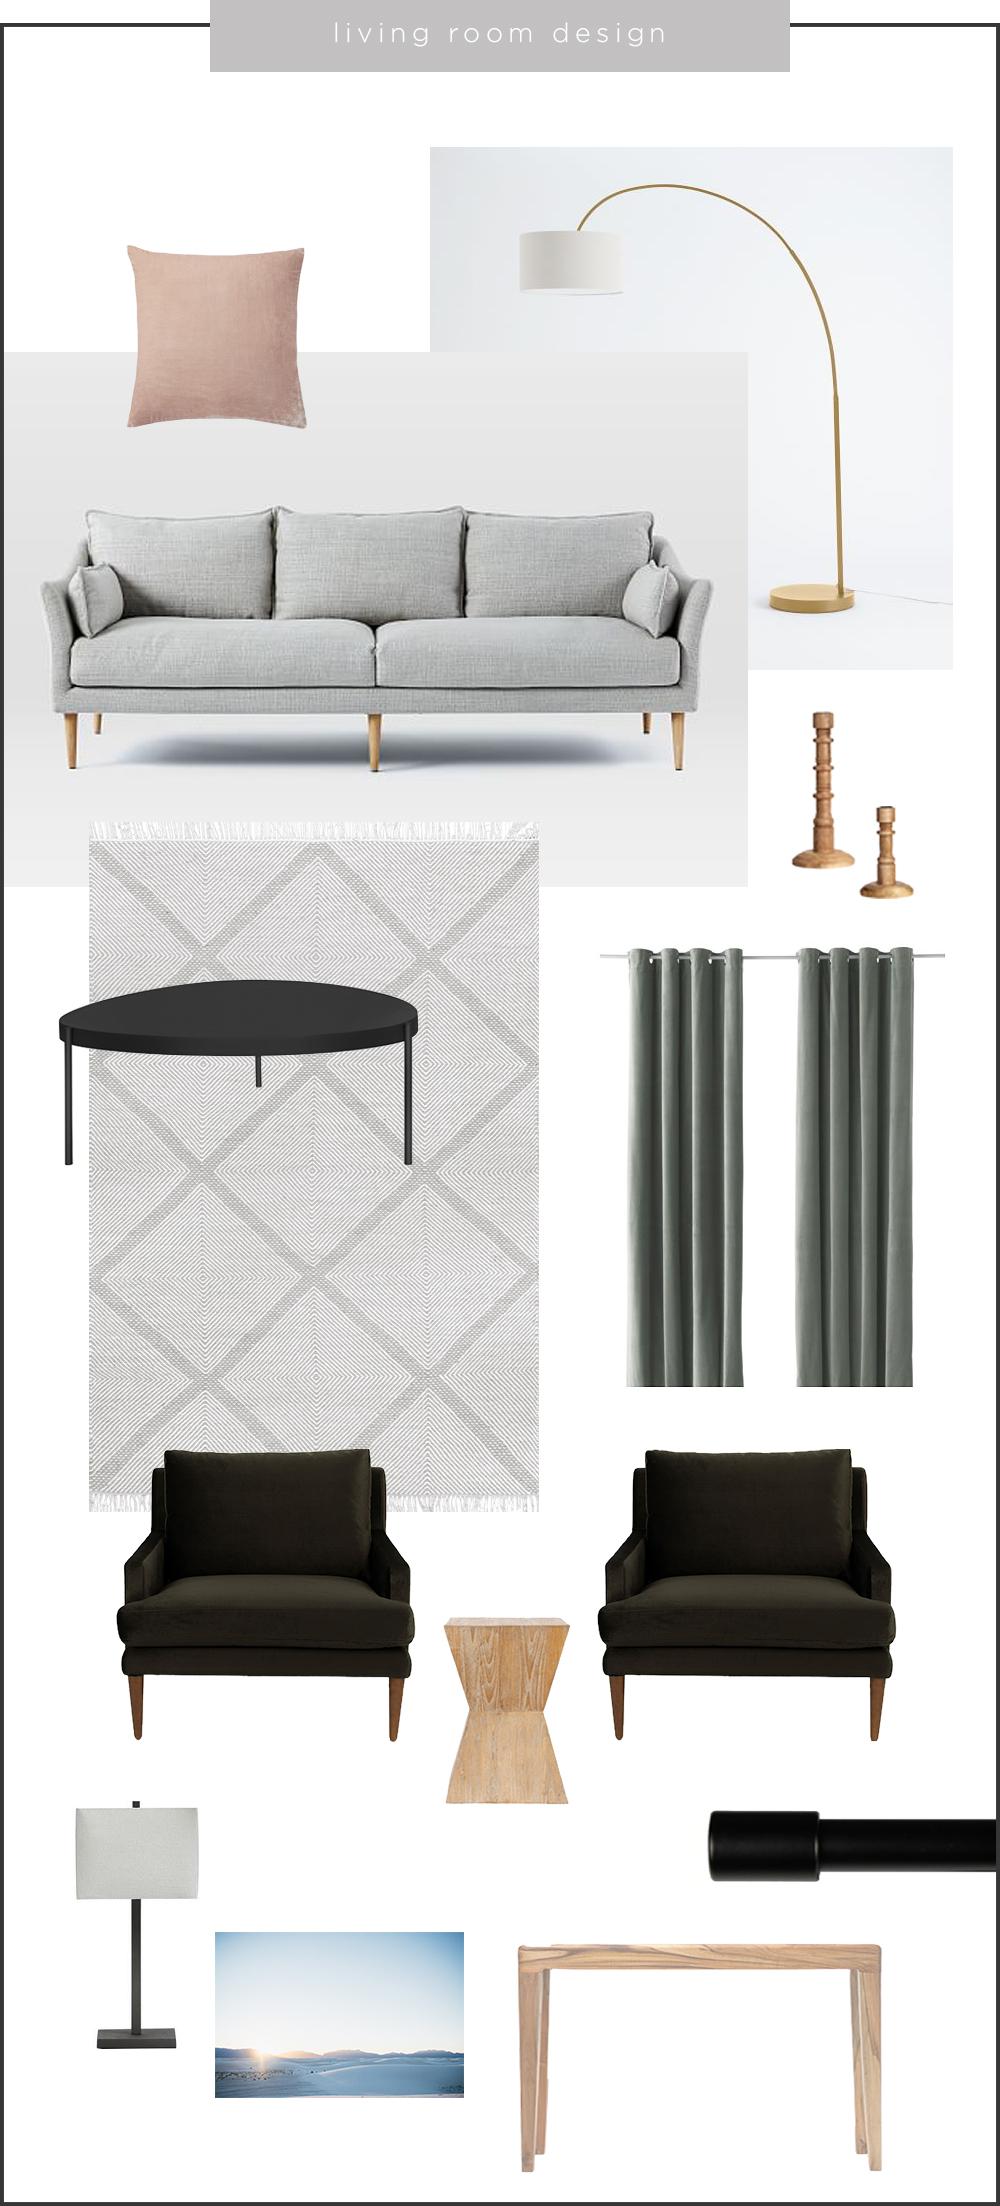 livingroomdesign1.jpg